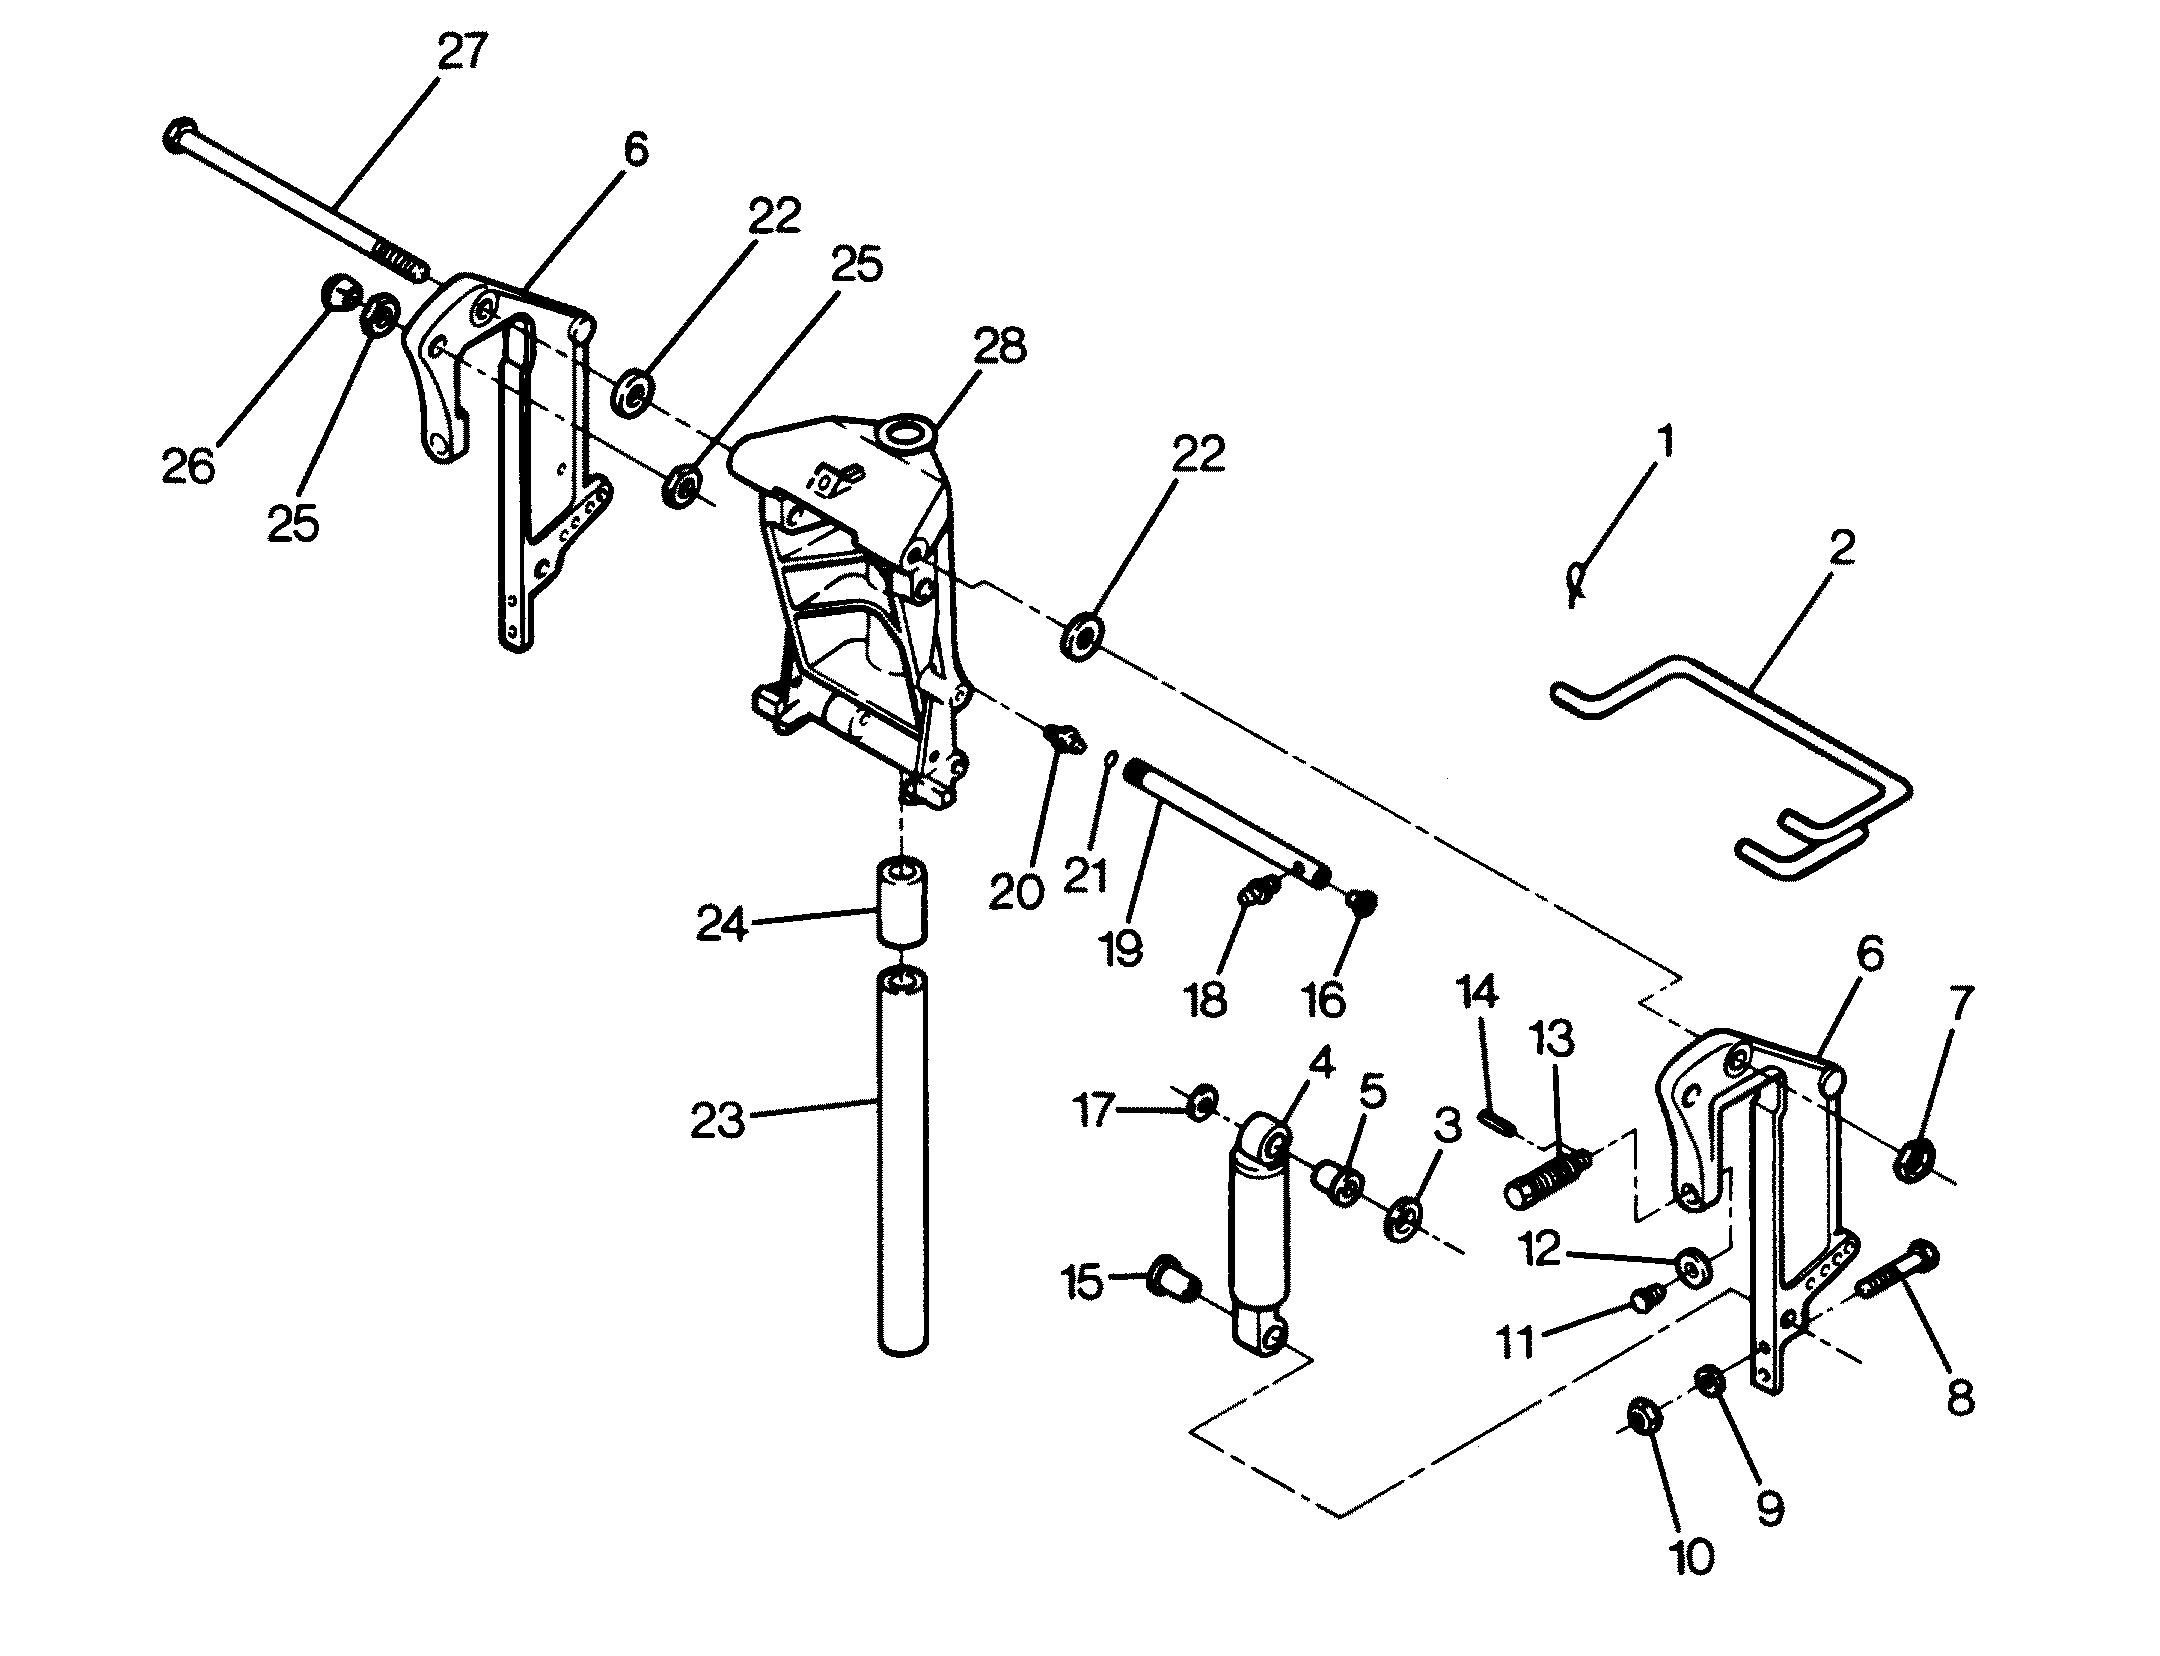 1988 bayliner parts catalog